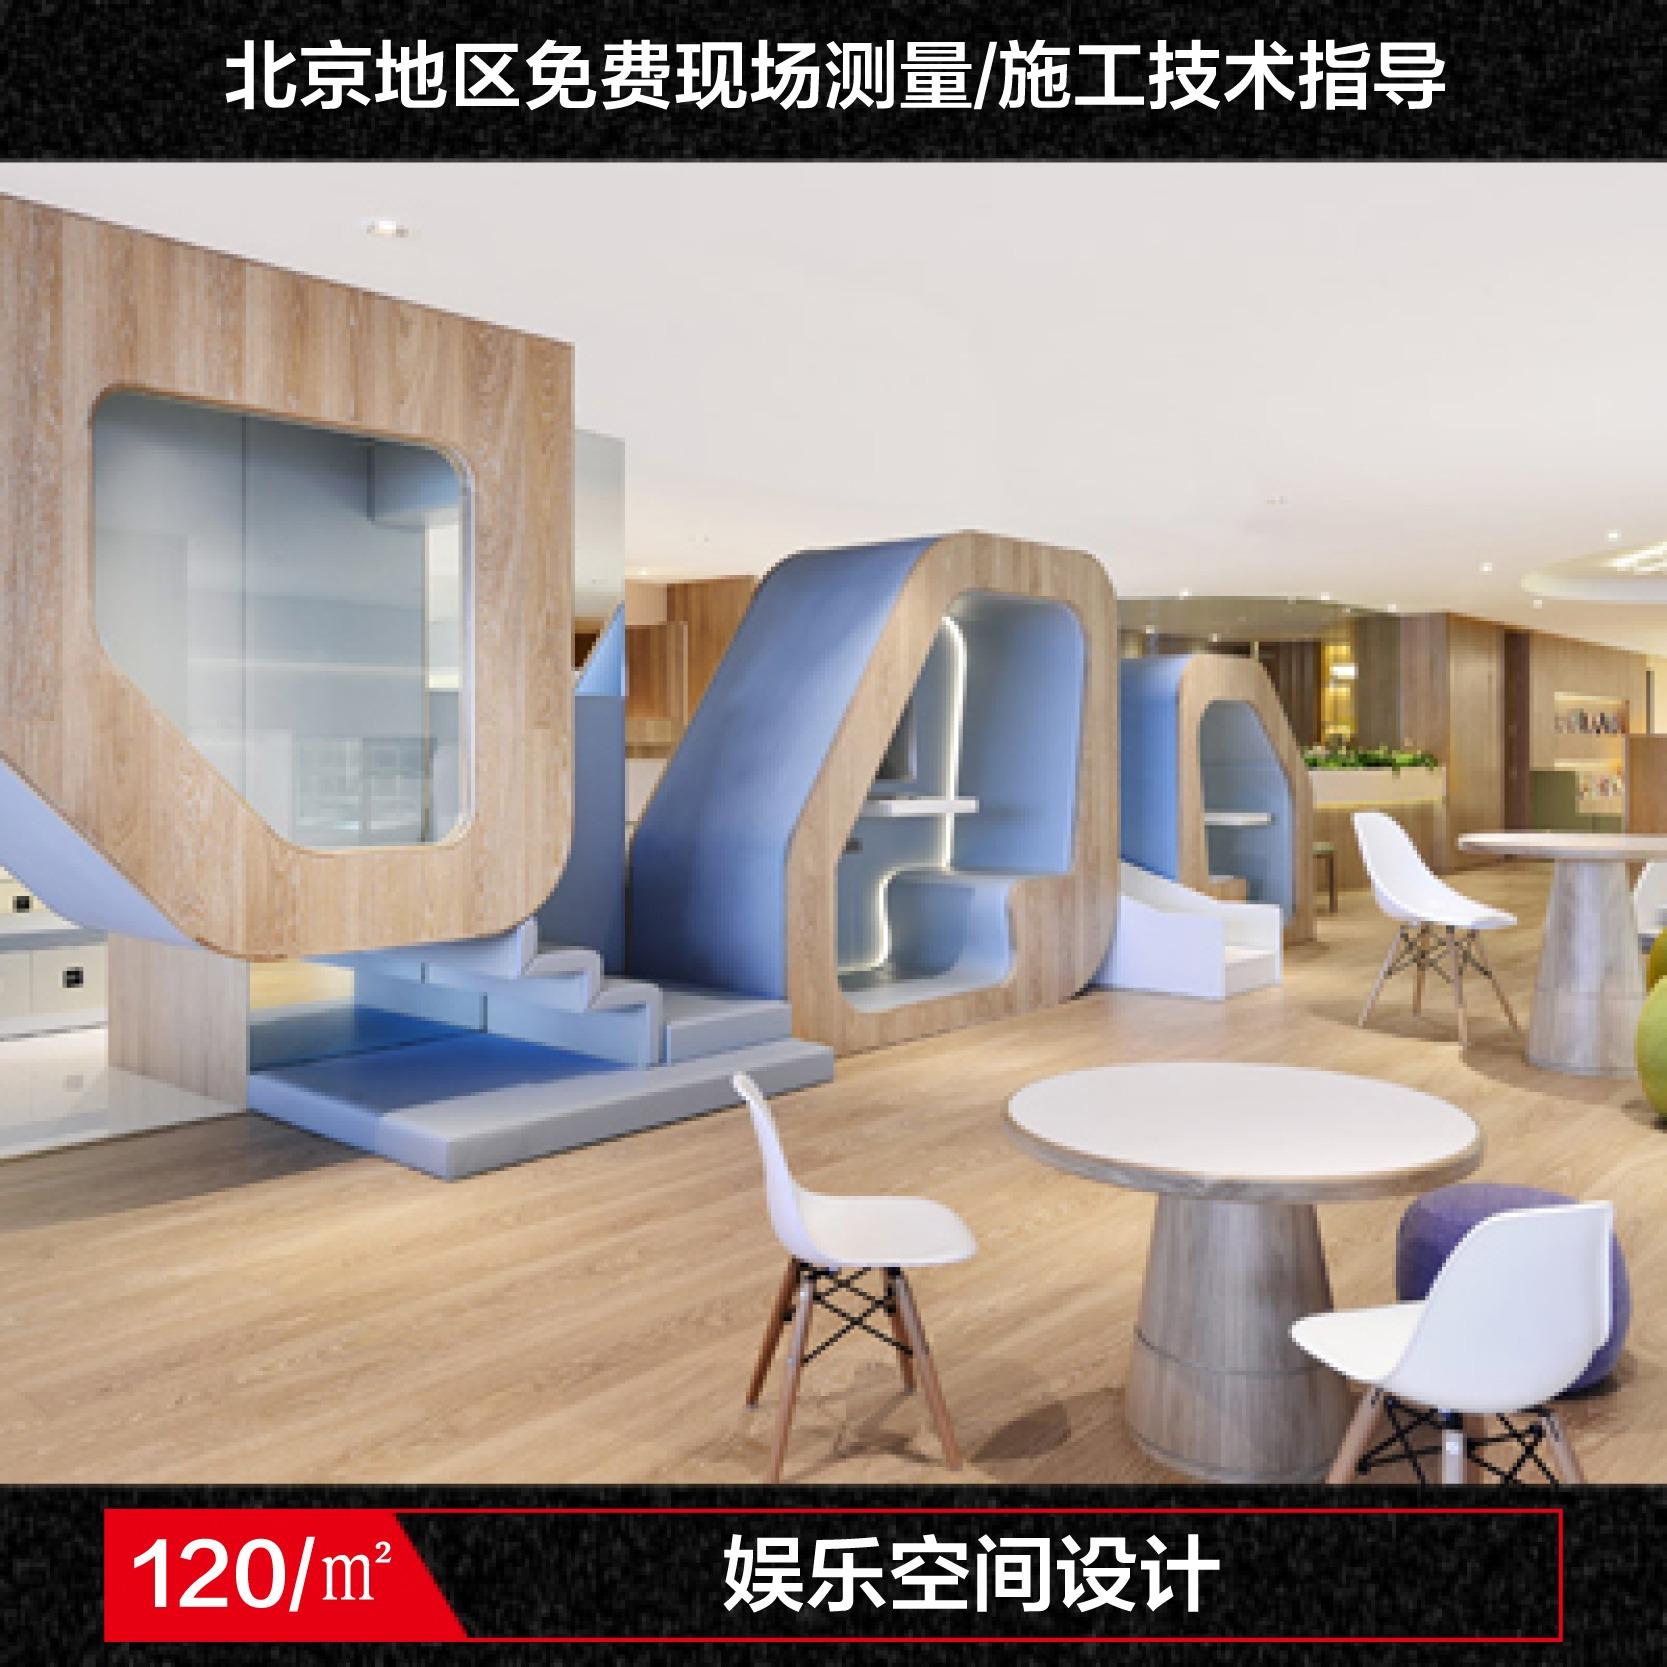 娱乐空间设计 /民宿设计/KTV/歌舞厅/游戏厅/网吧/迪厅